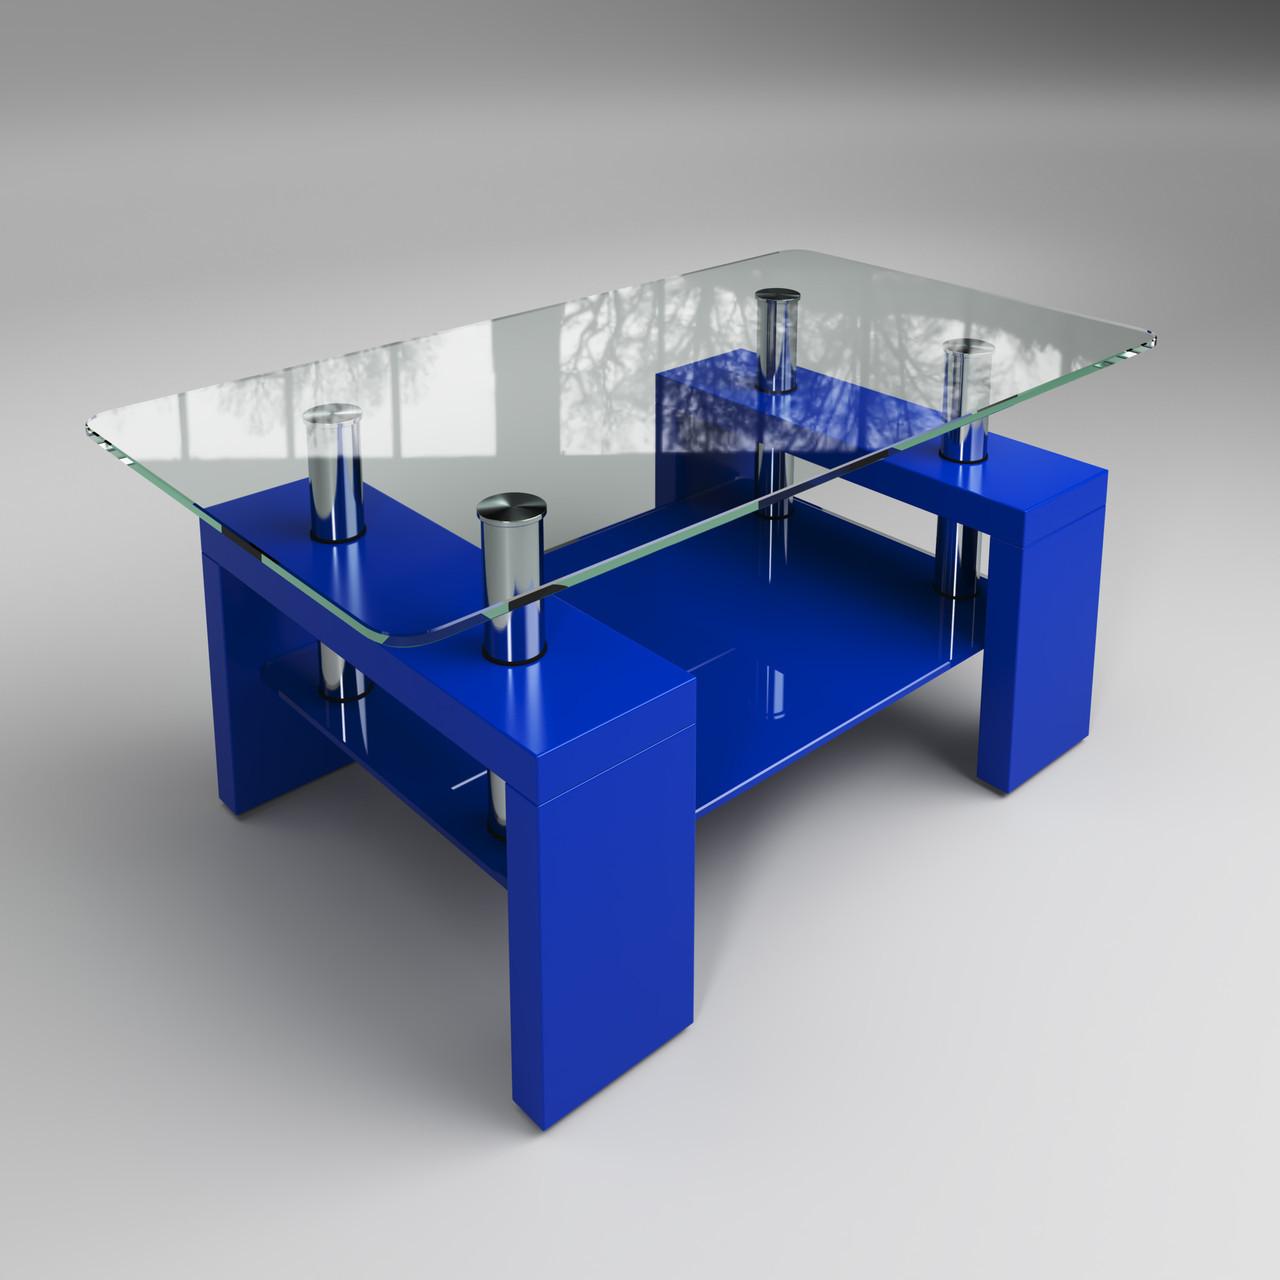 Журнальный стол Престиж мини стеклянный синий с полкой